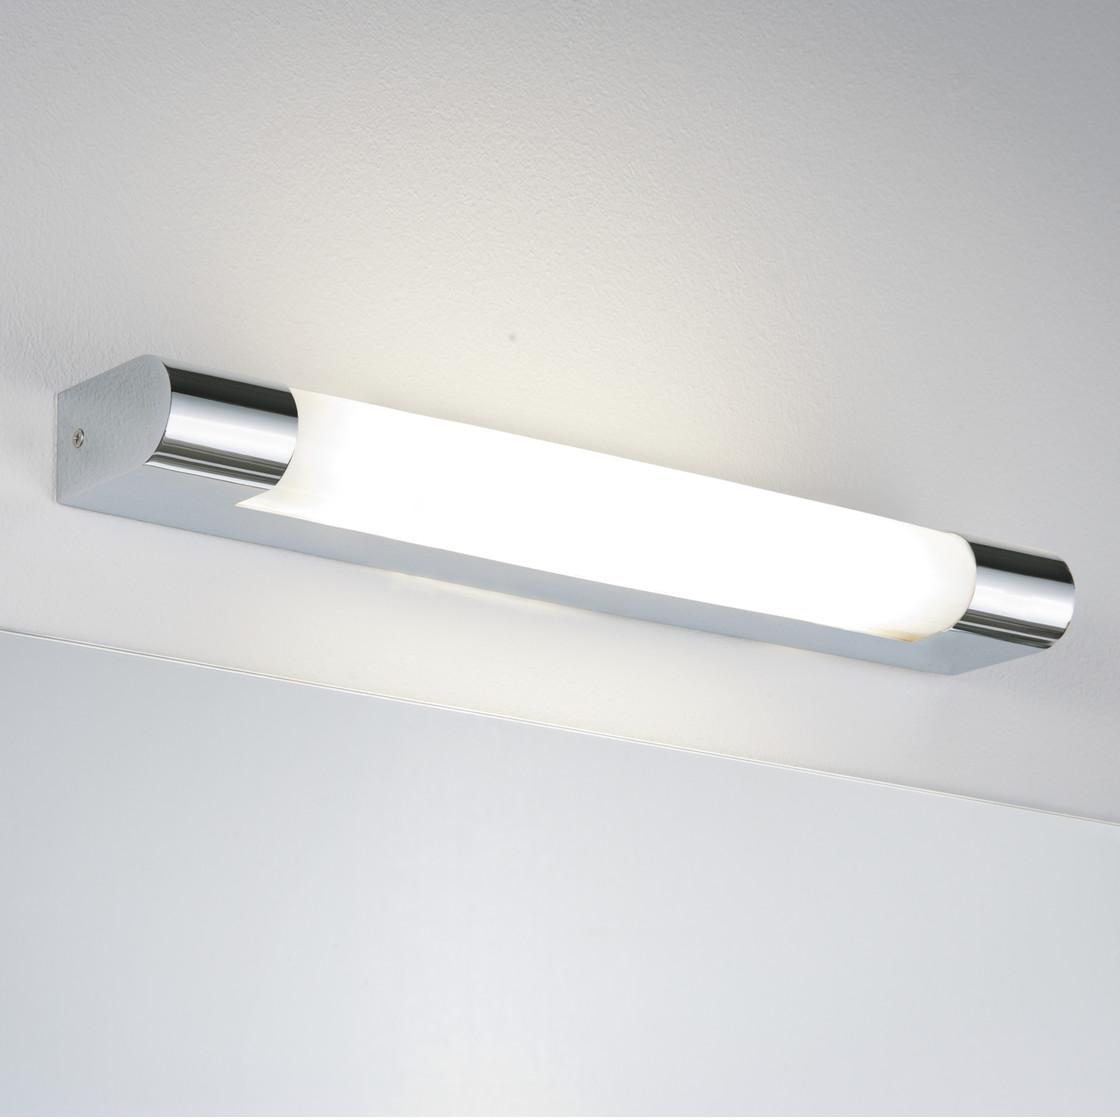 paulmann spiegelleuchte mizar ip44 chrom 8w 370mm inkl leucht 54 99. Black Bedroom Furniture Sets. Home Design Ideas